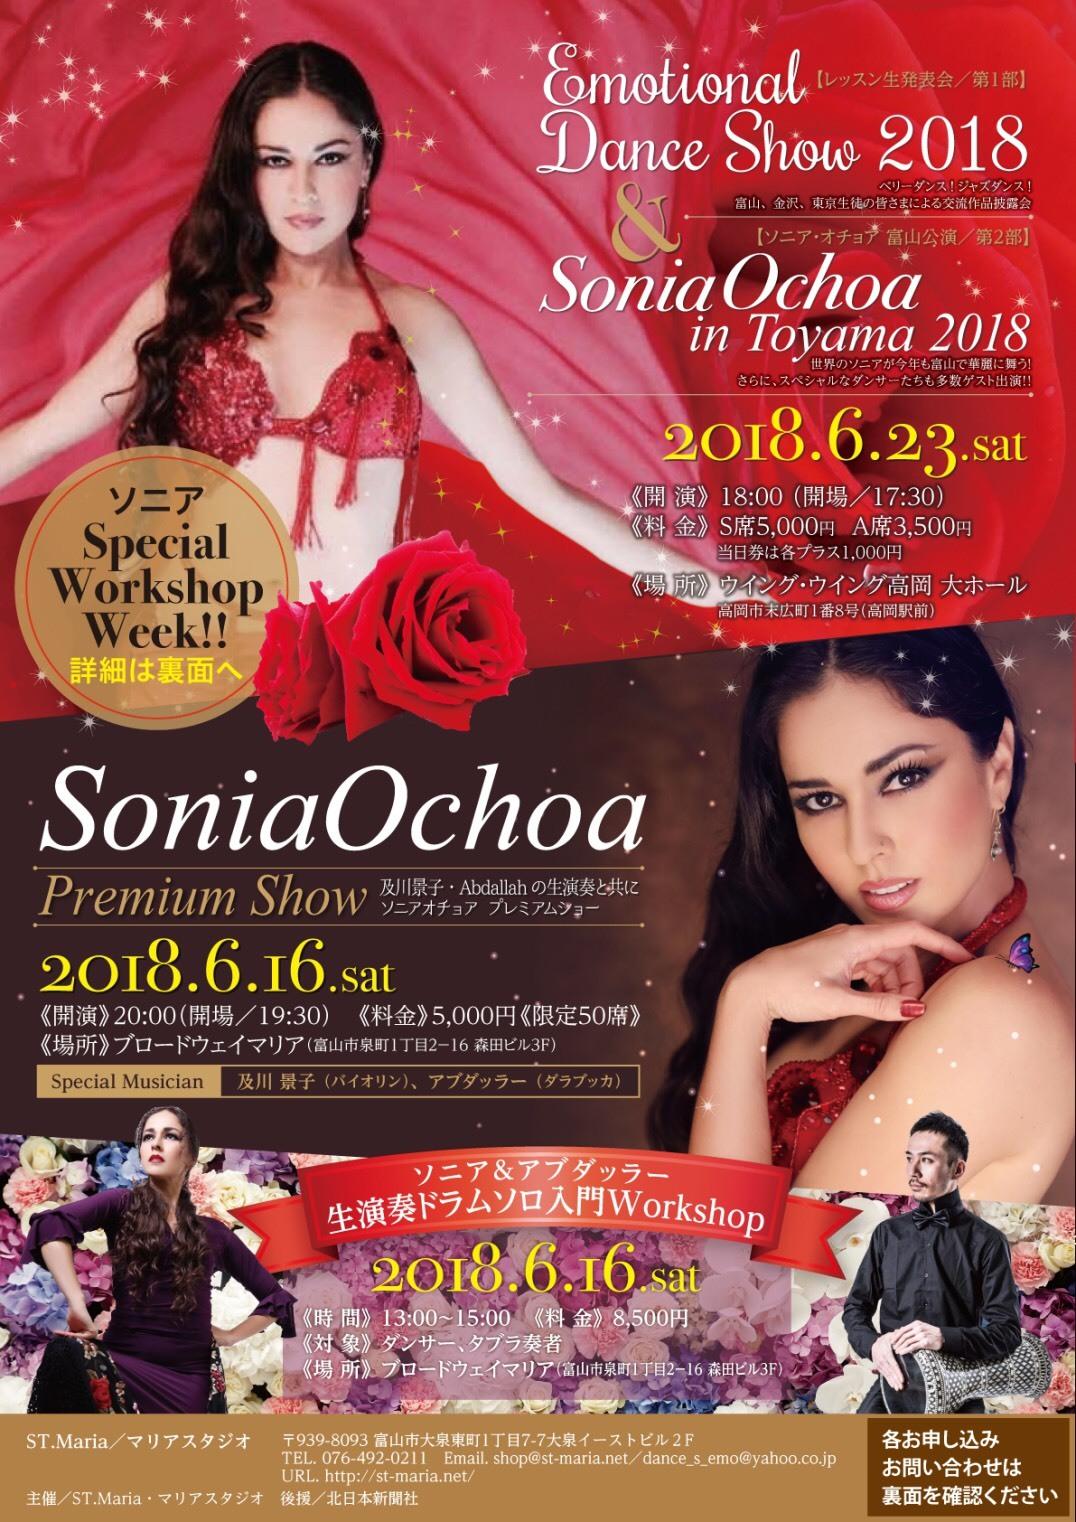 ソニアWS in 富山 2018 参加者募集中_c0201916_19291116.jpg